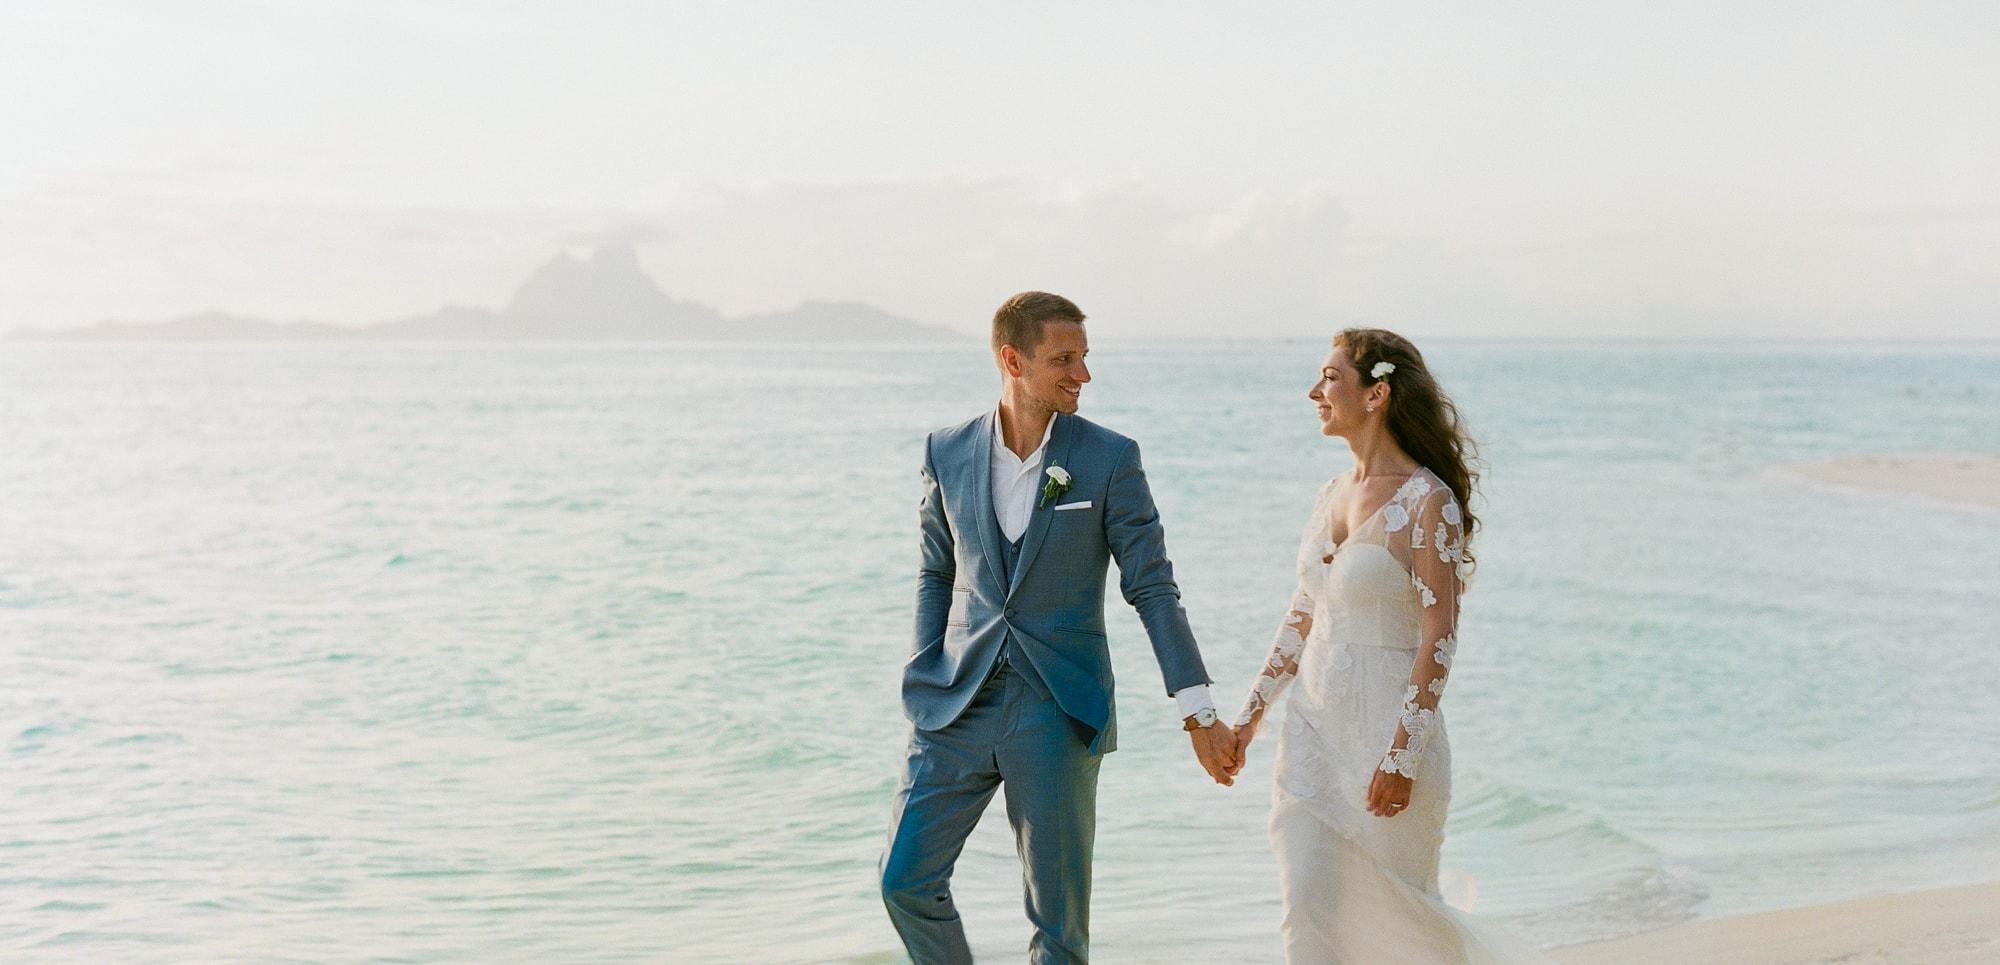 https://tahititourisme.kr/wp-content/uploads/2021/04/PCP-Bora-Bora-Photography-Couple-Wedding-sunset.jpg